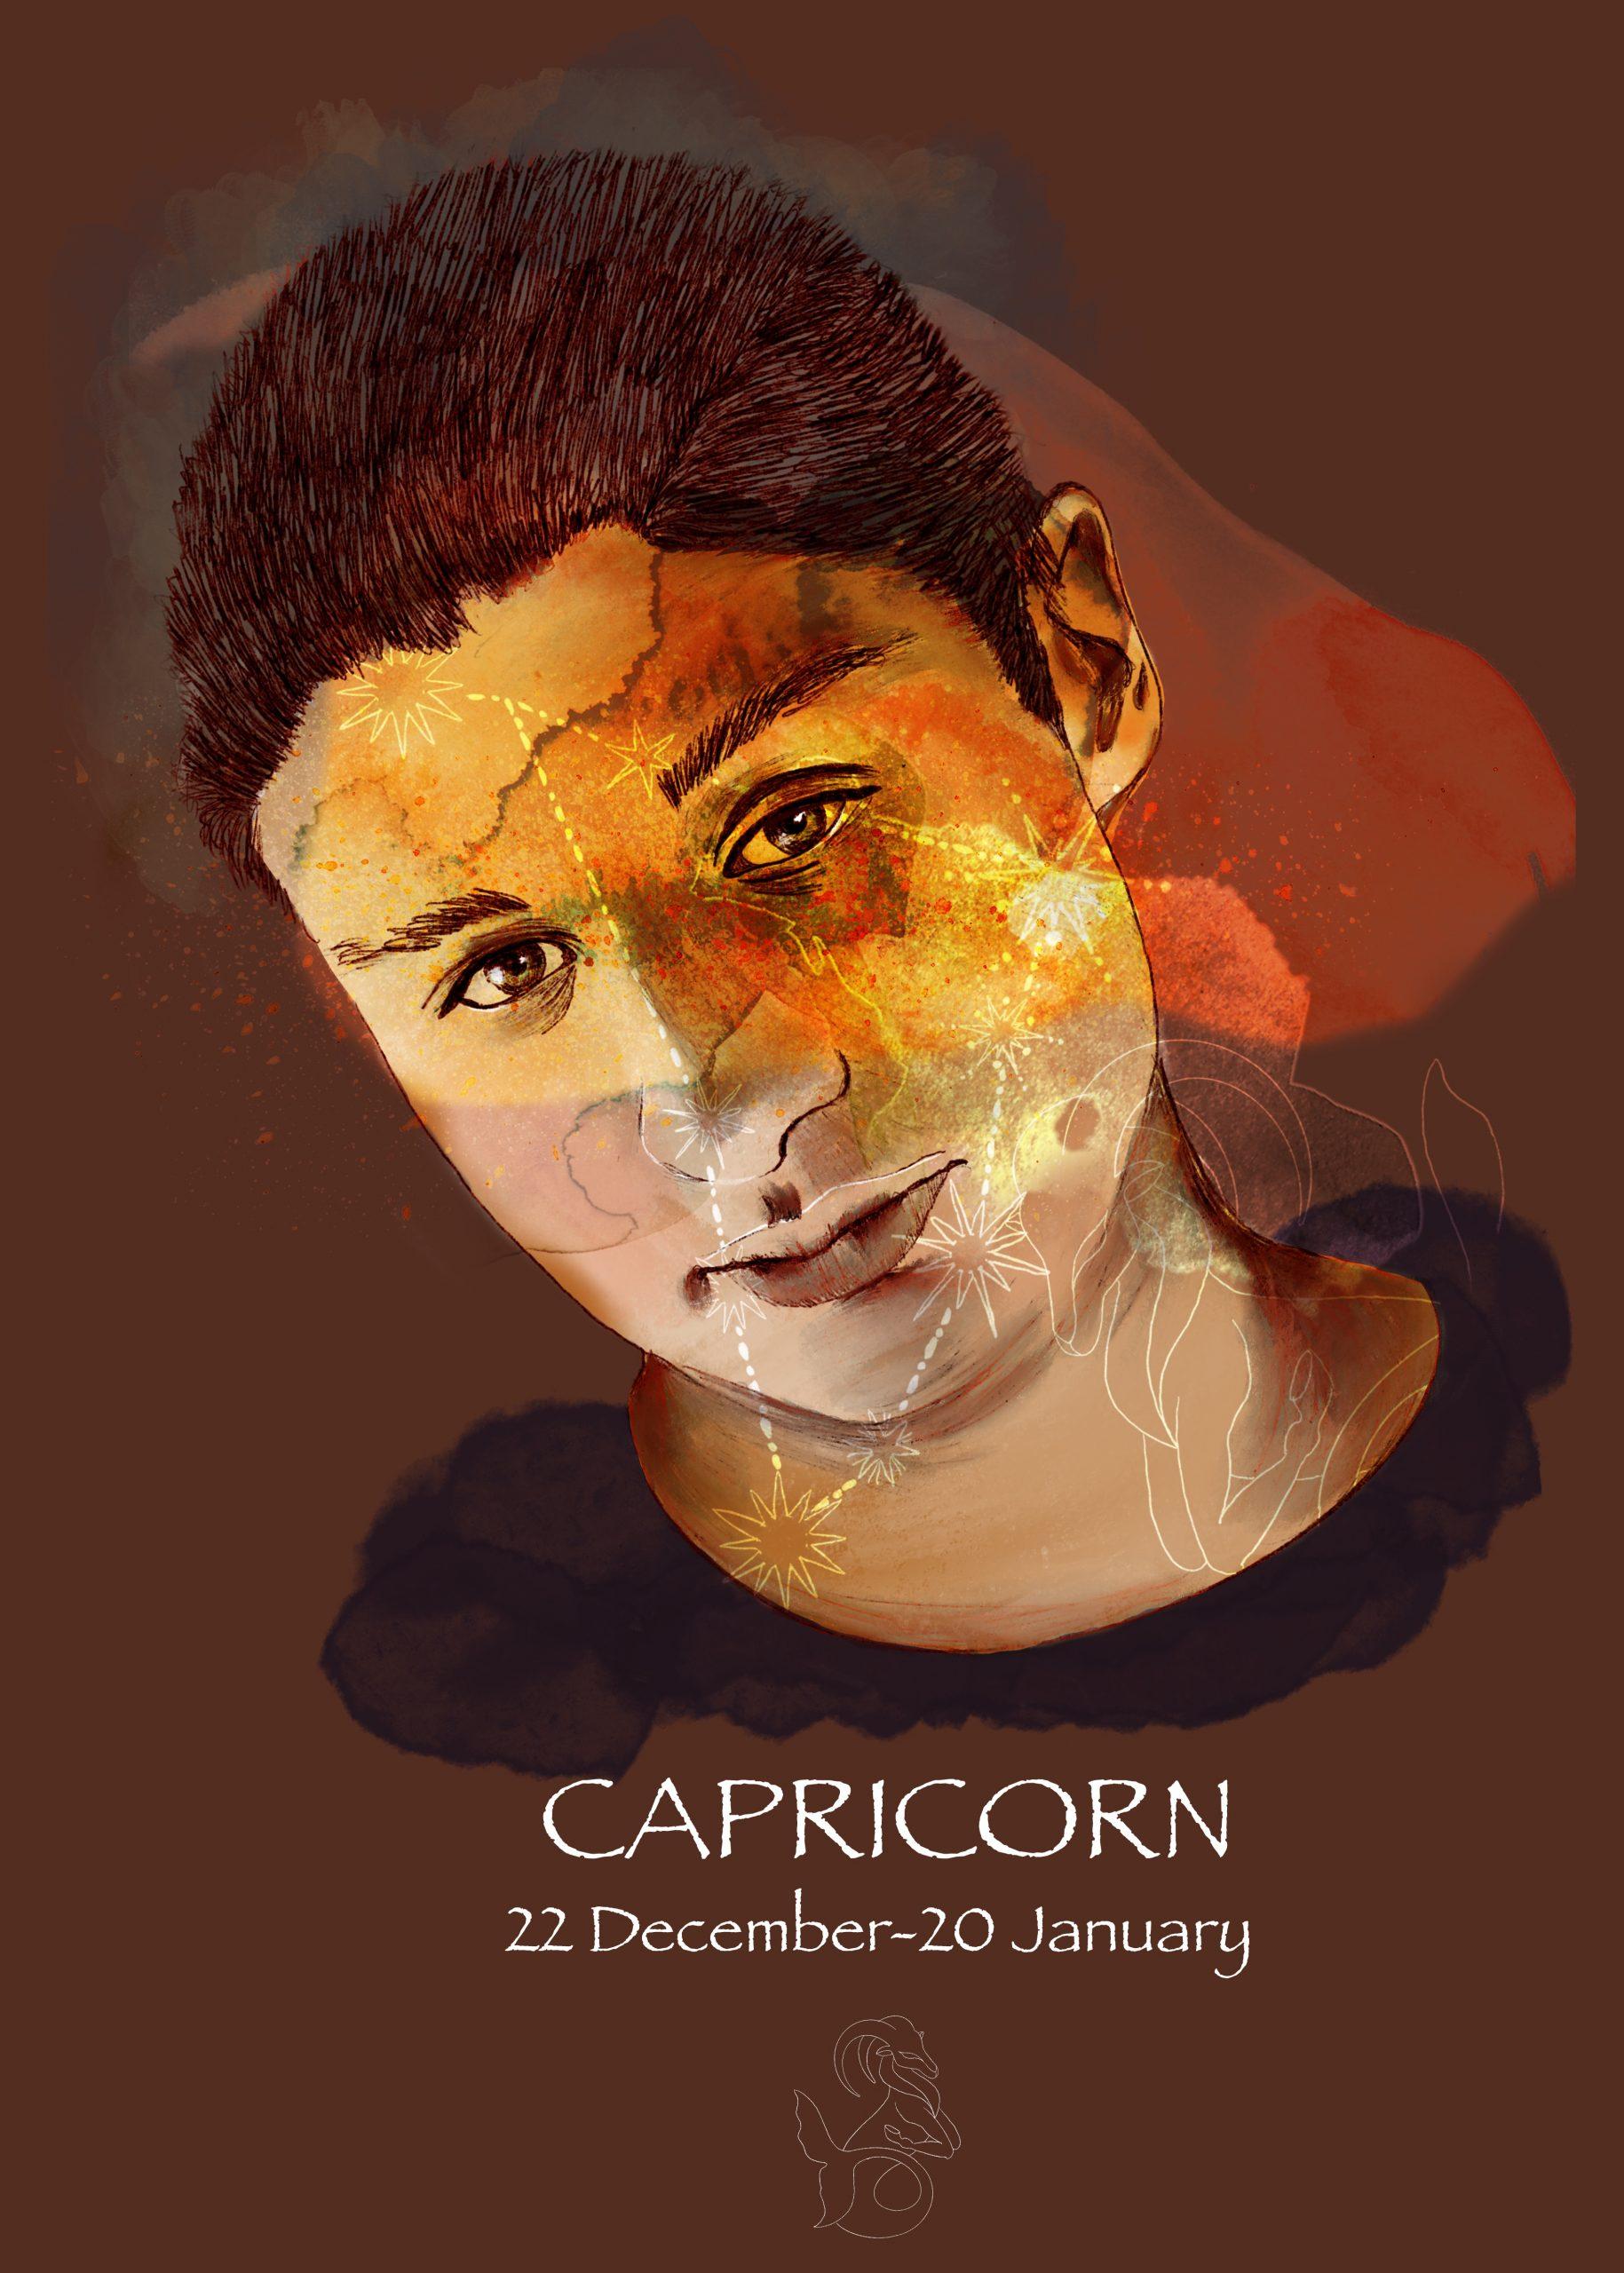 PORTRAIT / CAPRICORN A collection de portraits sur le thème de l'astrologie.